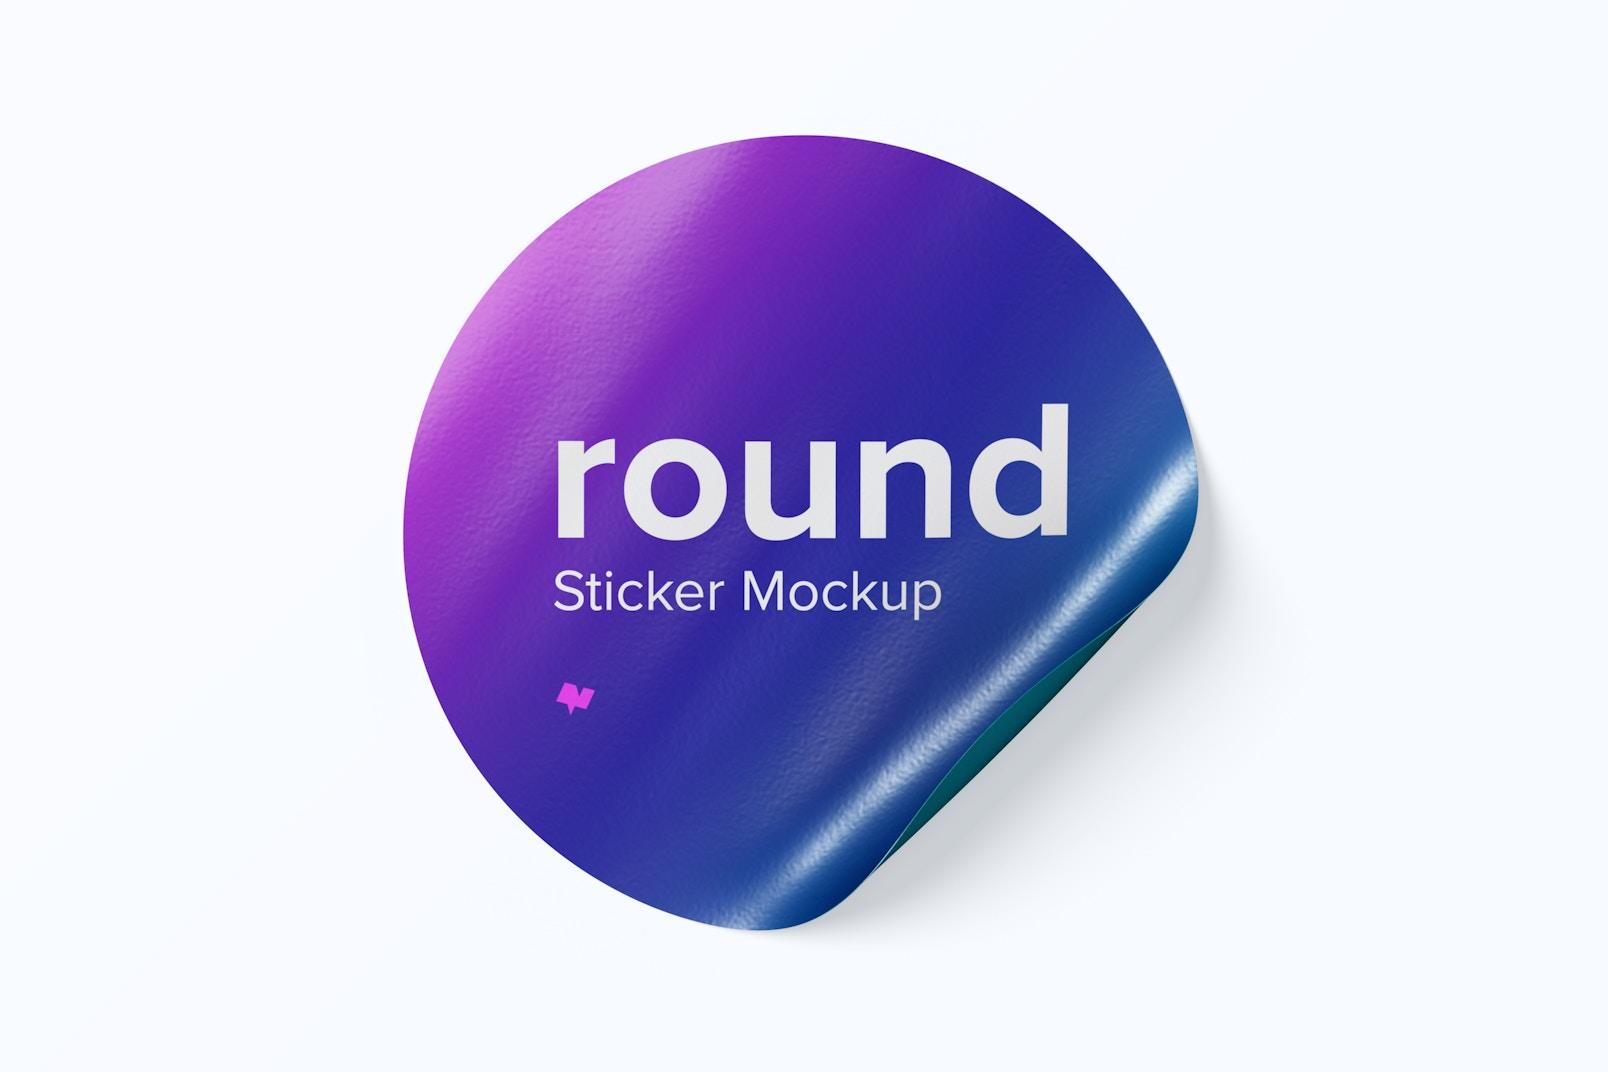 Round Sticker Mockup, Front View